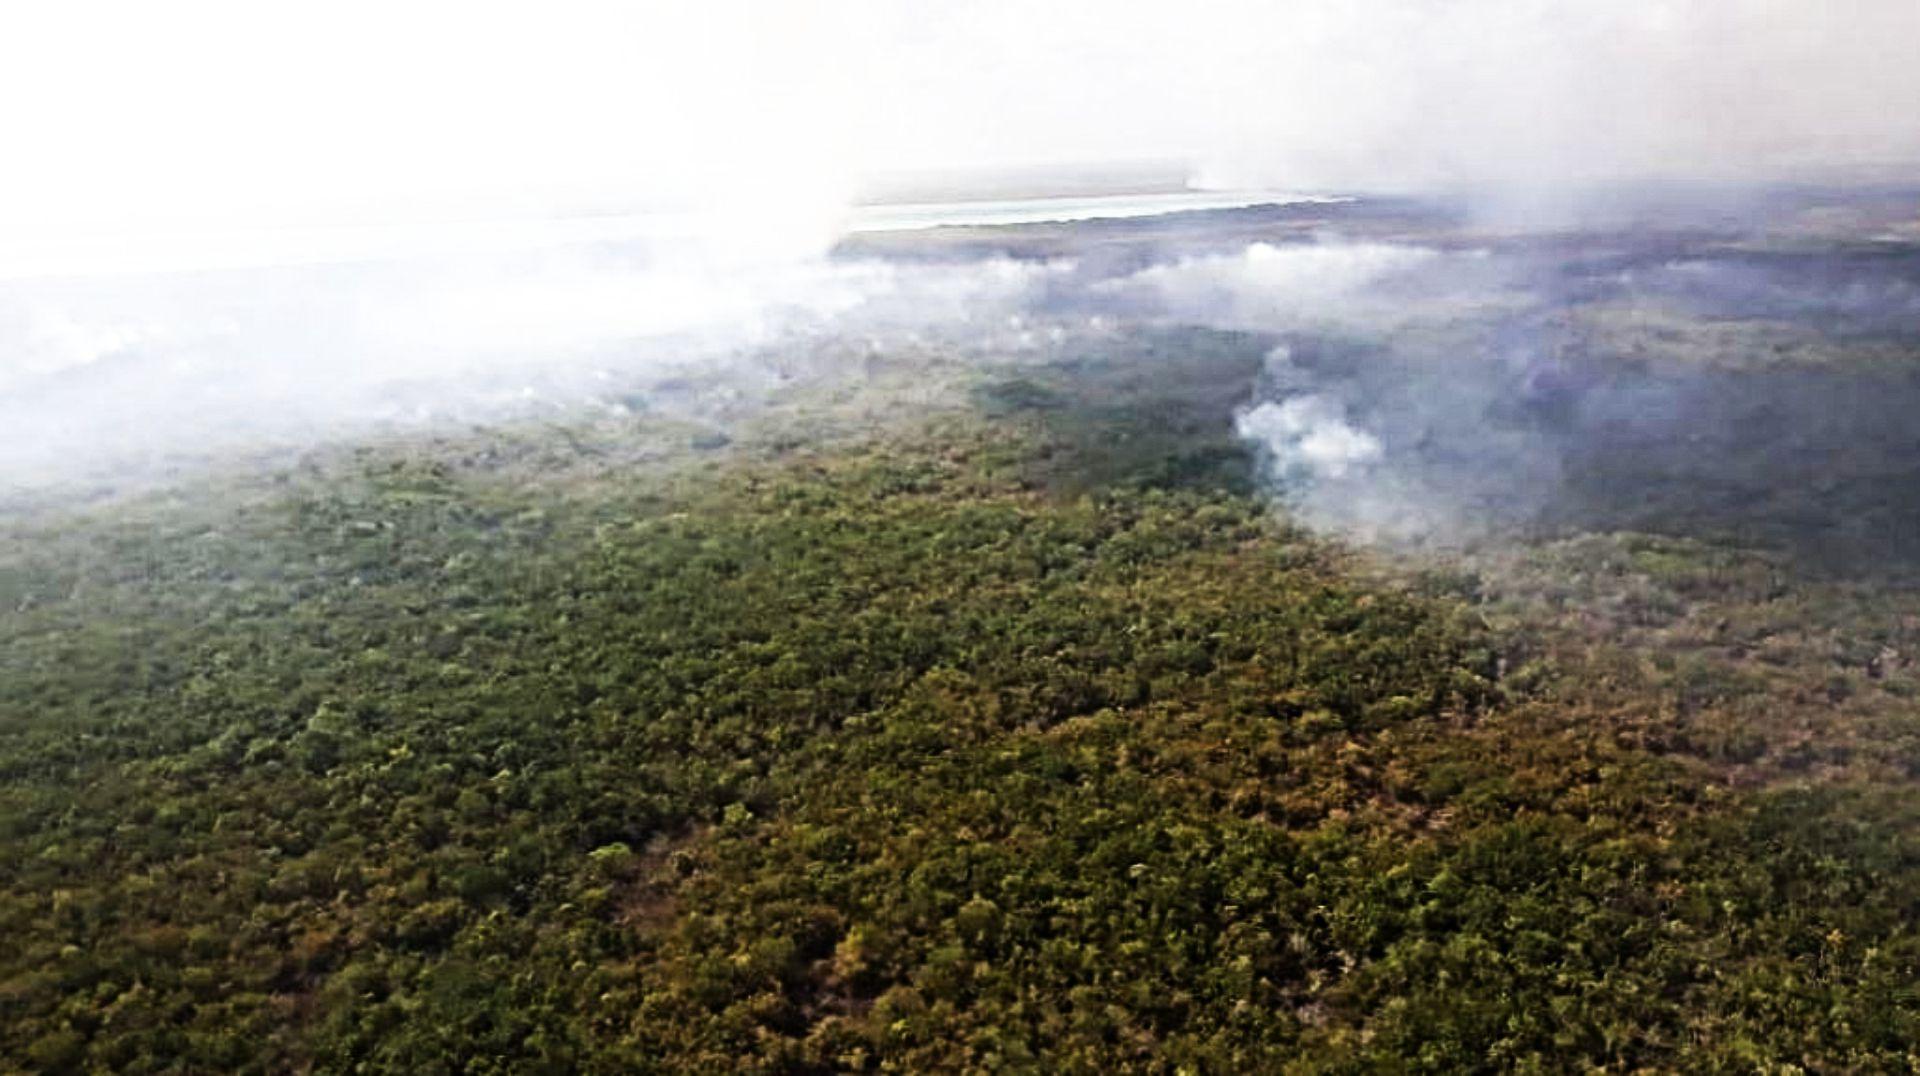 El incendio llegará a la zona de Muyil, cerca de Tulum (Foto: @CONAFOR)